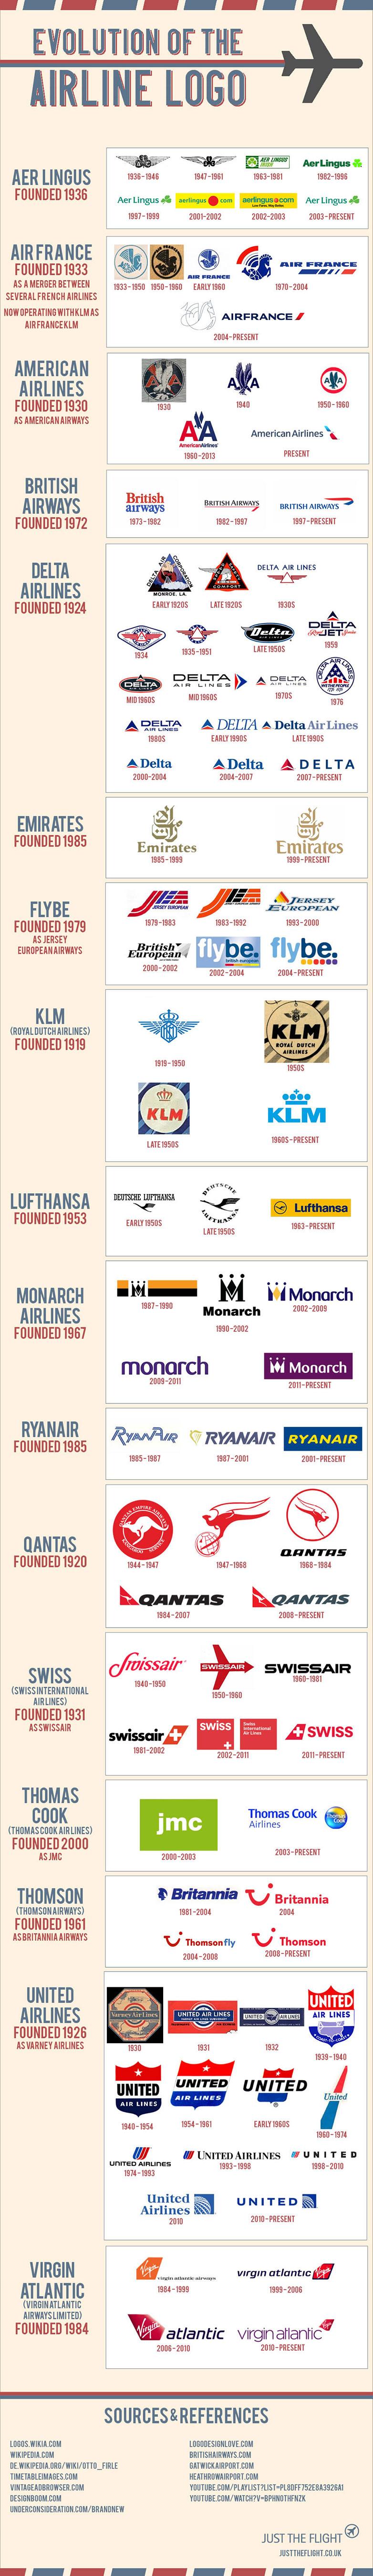 evolution-logo-compagnie-aerienne